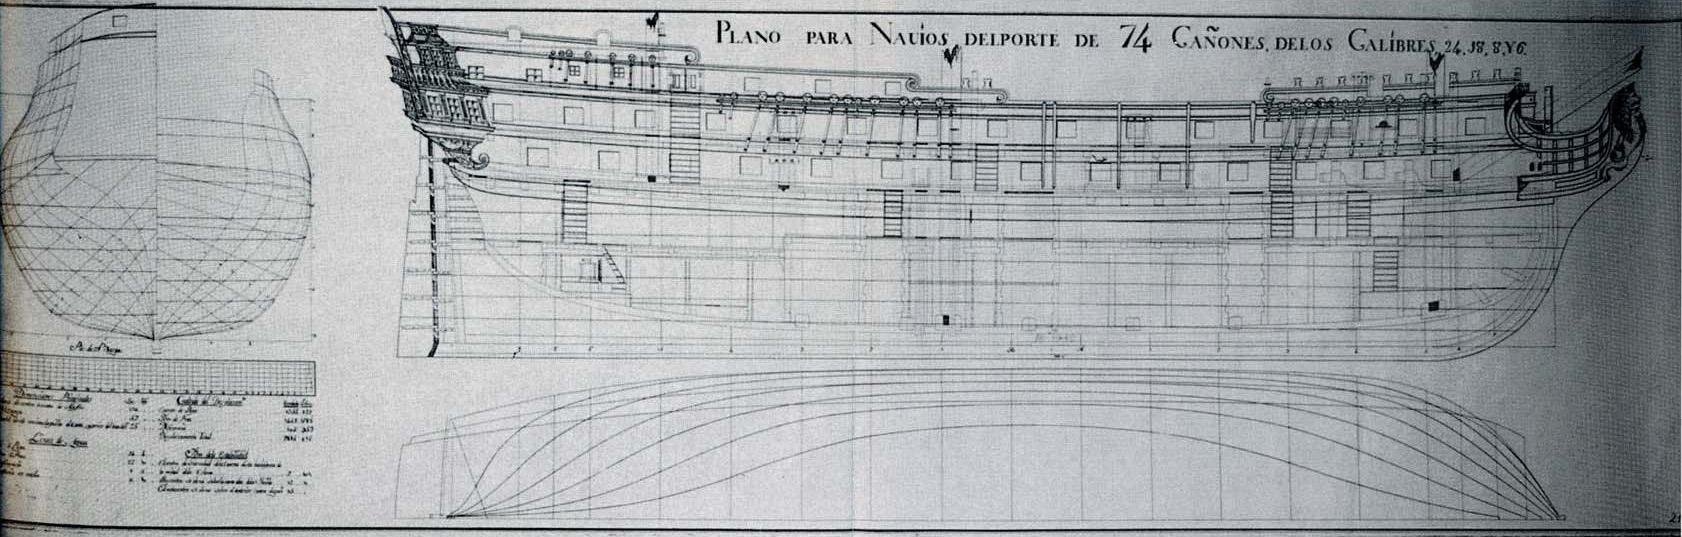 Plano de un navío de la serie de 74 cañones